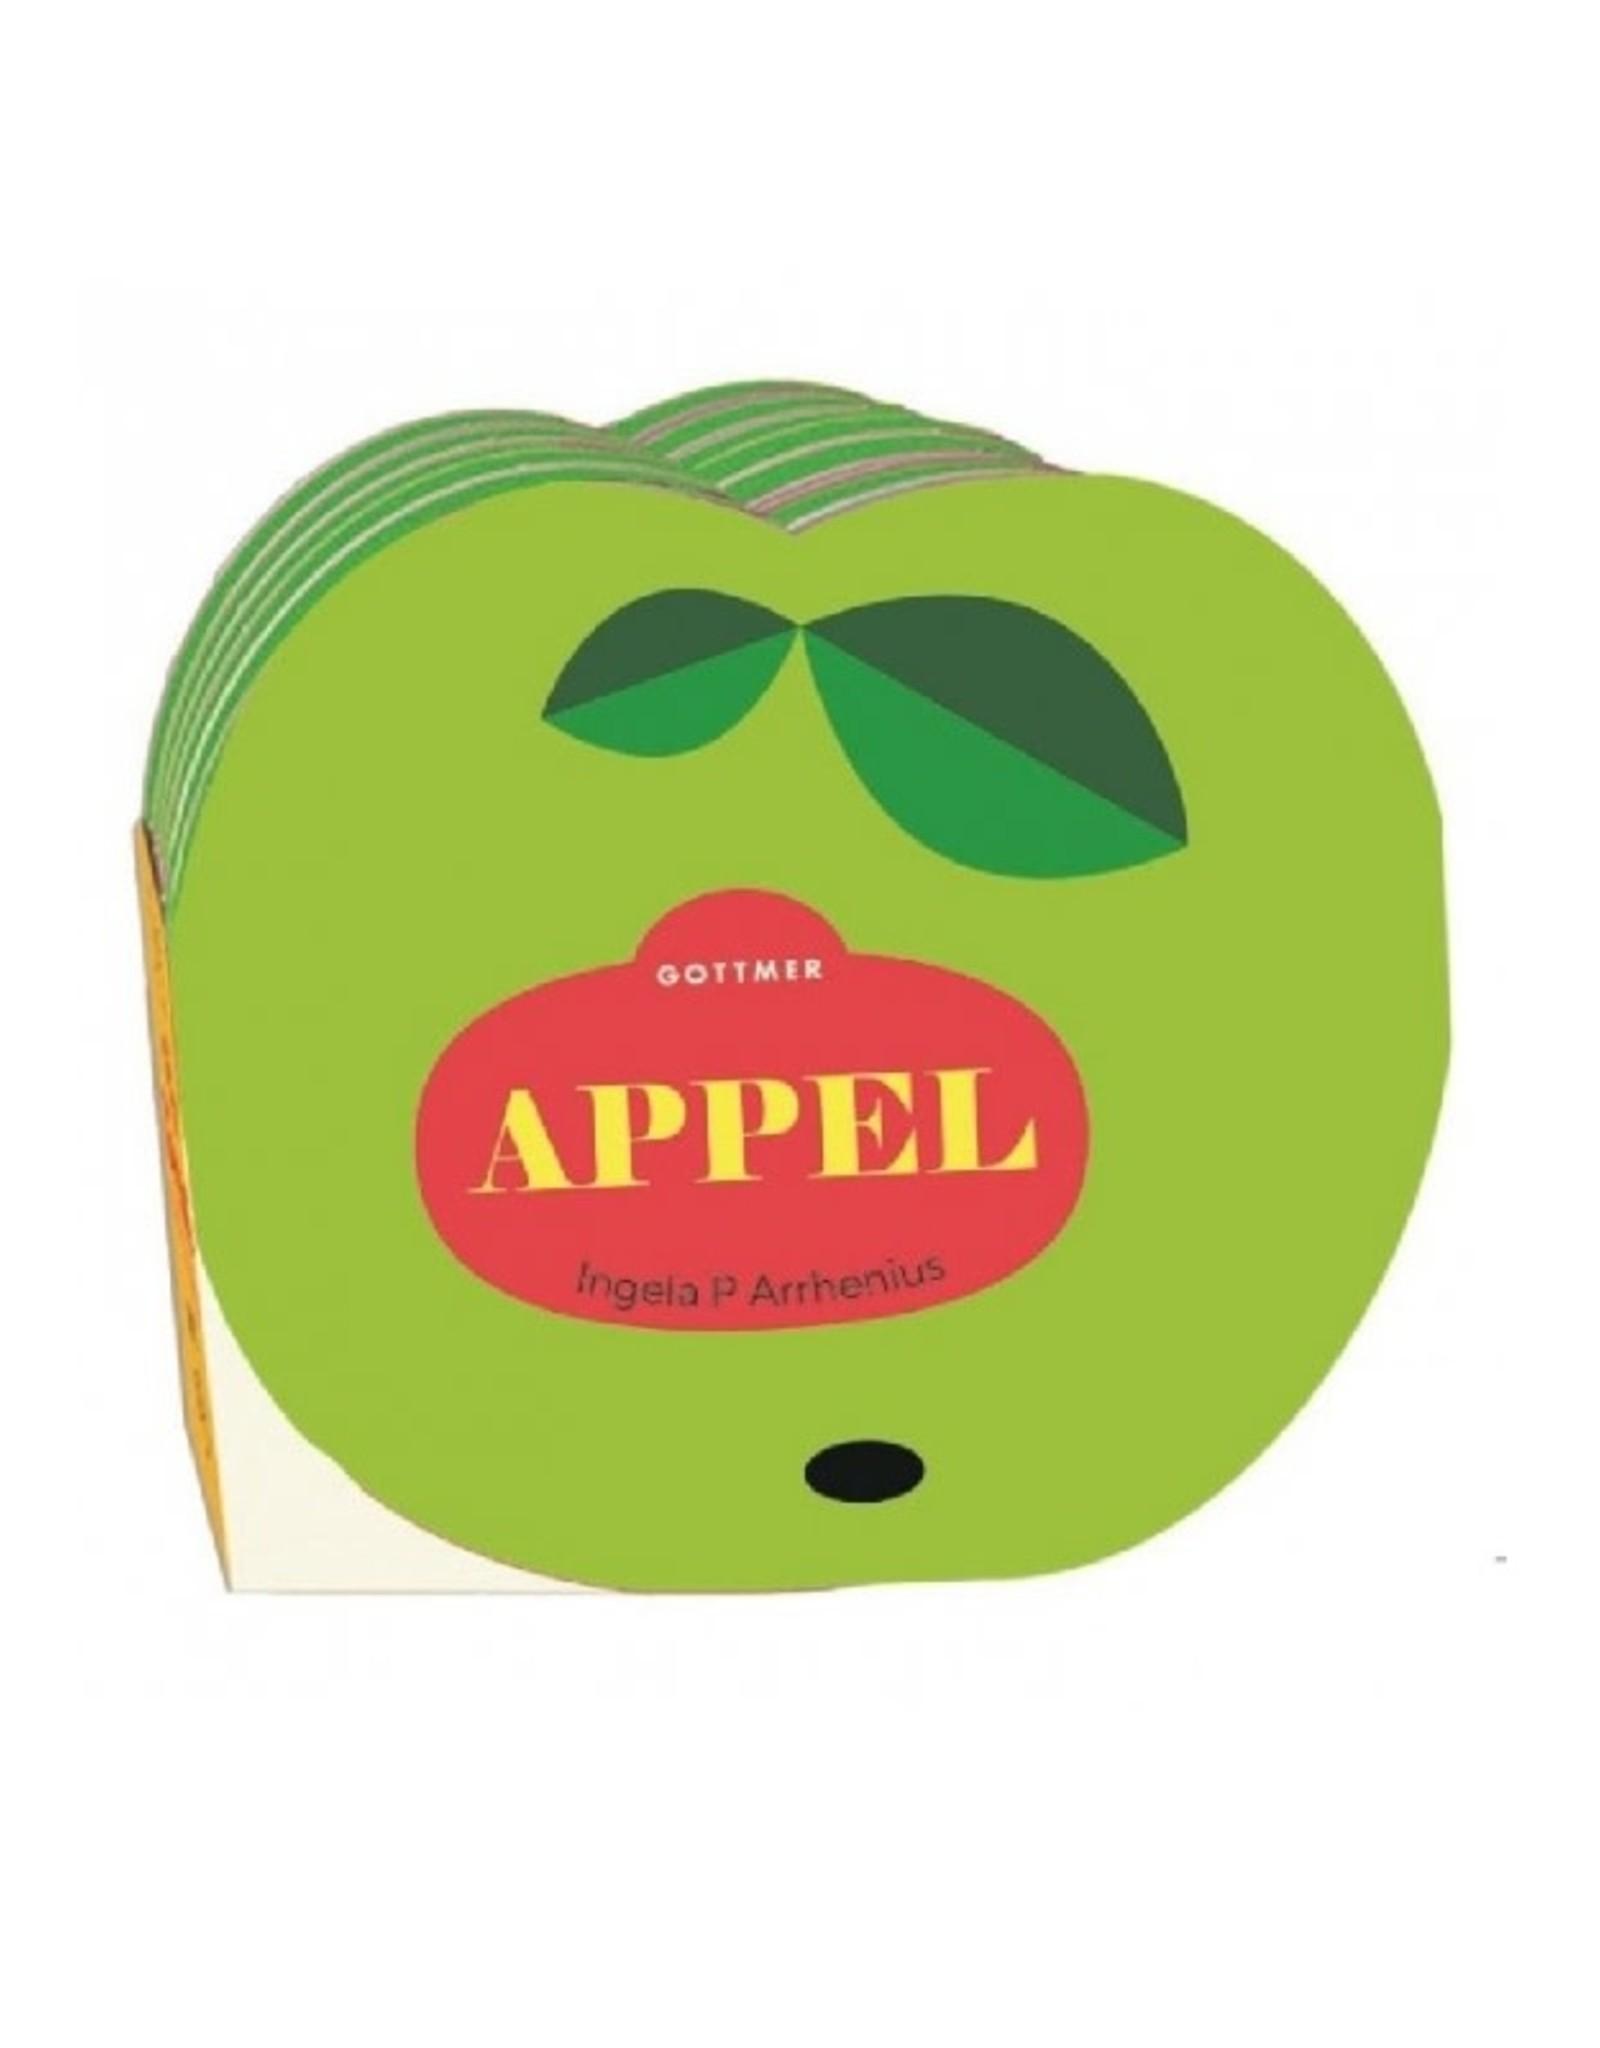 Gottmer Het winkeltje van Ingela - Appel